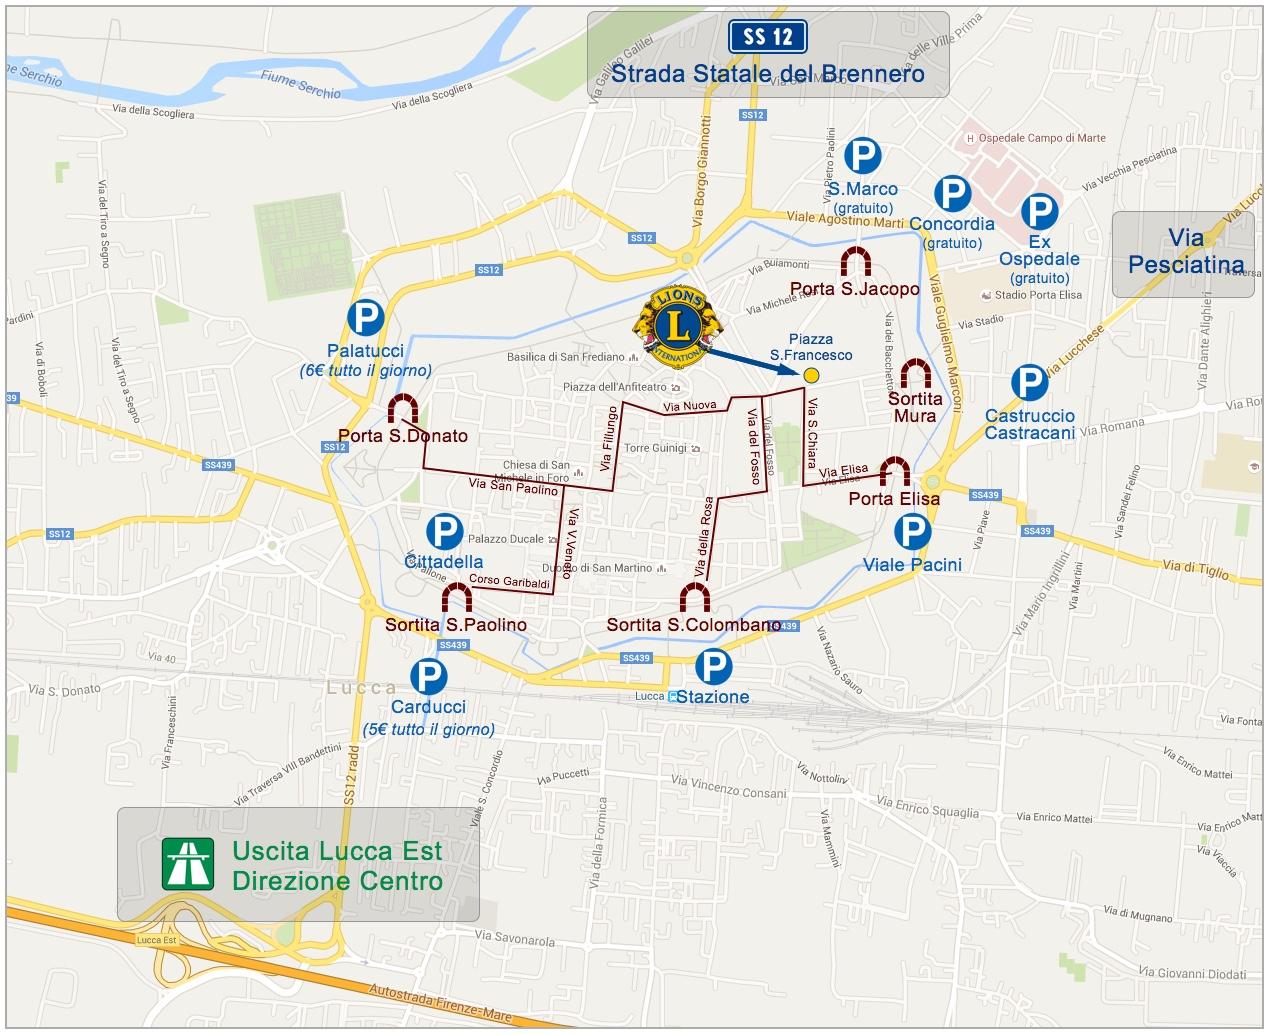 Mappa per i parcheggi